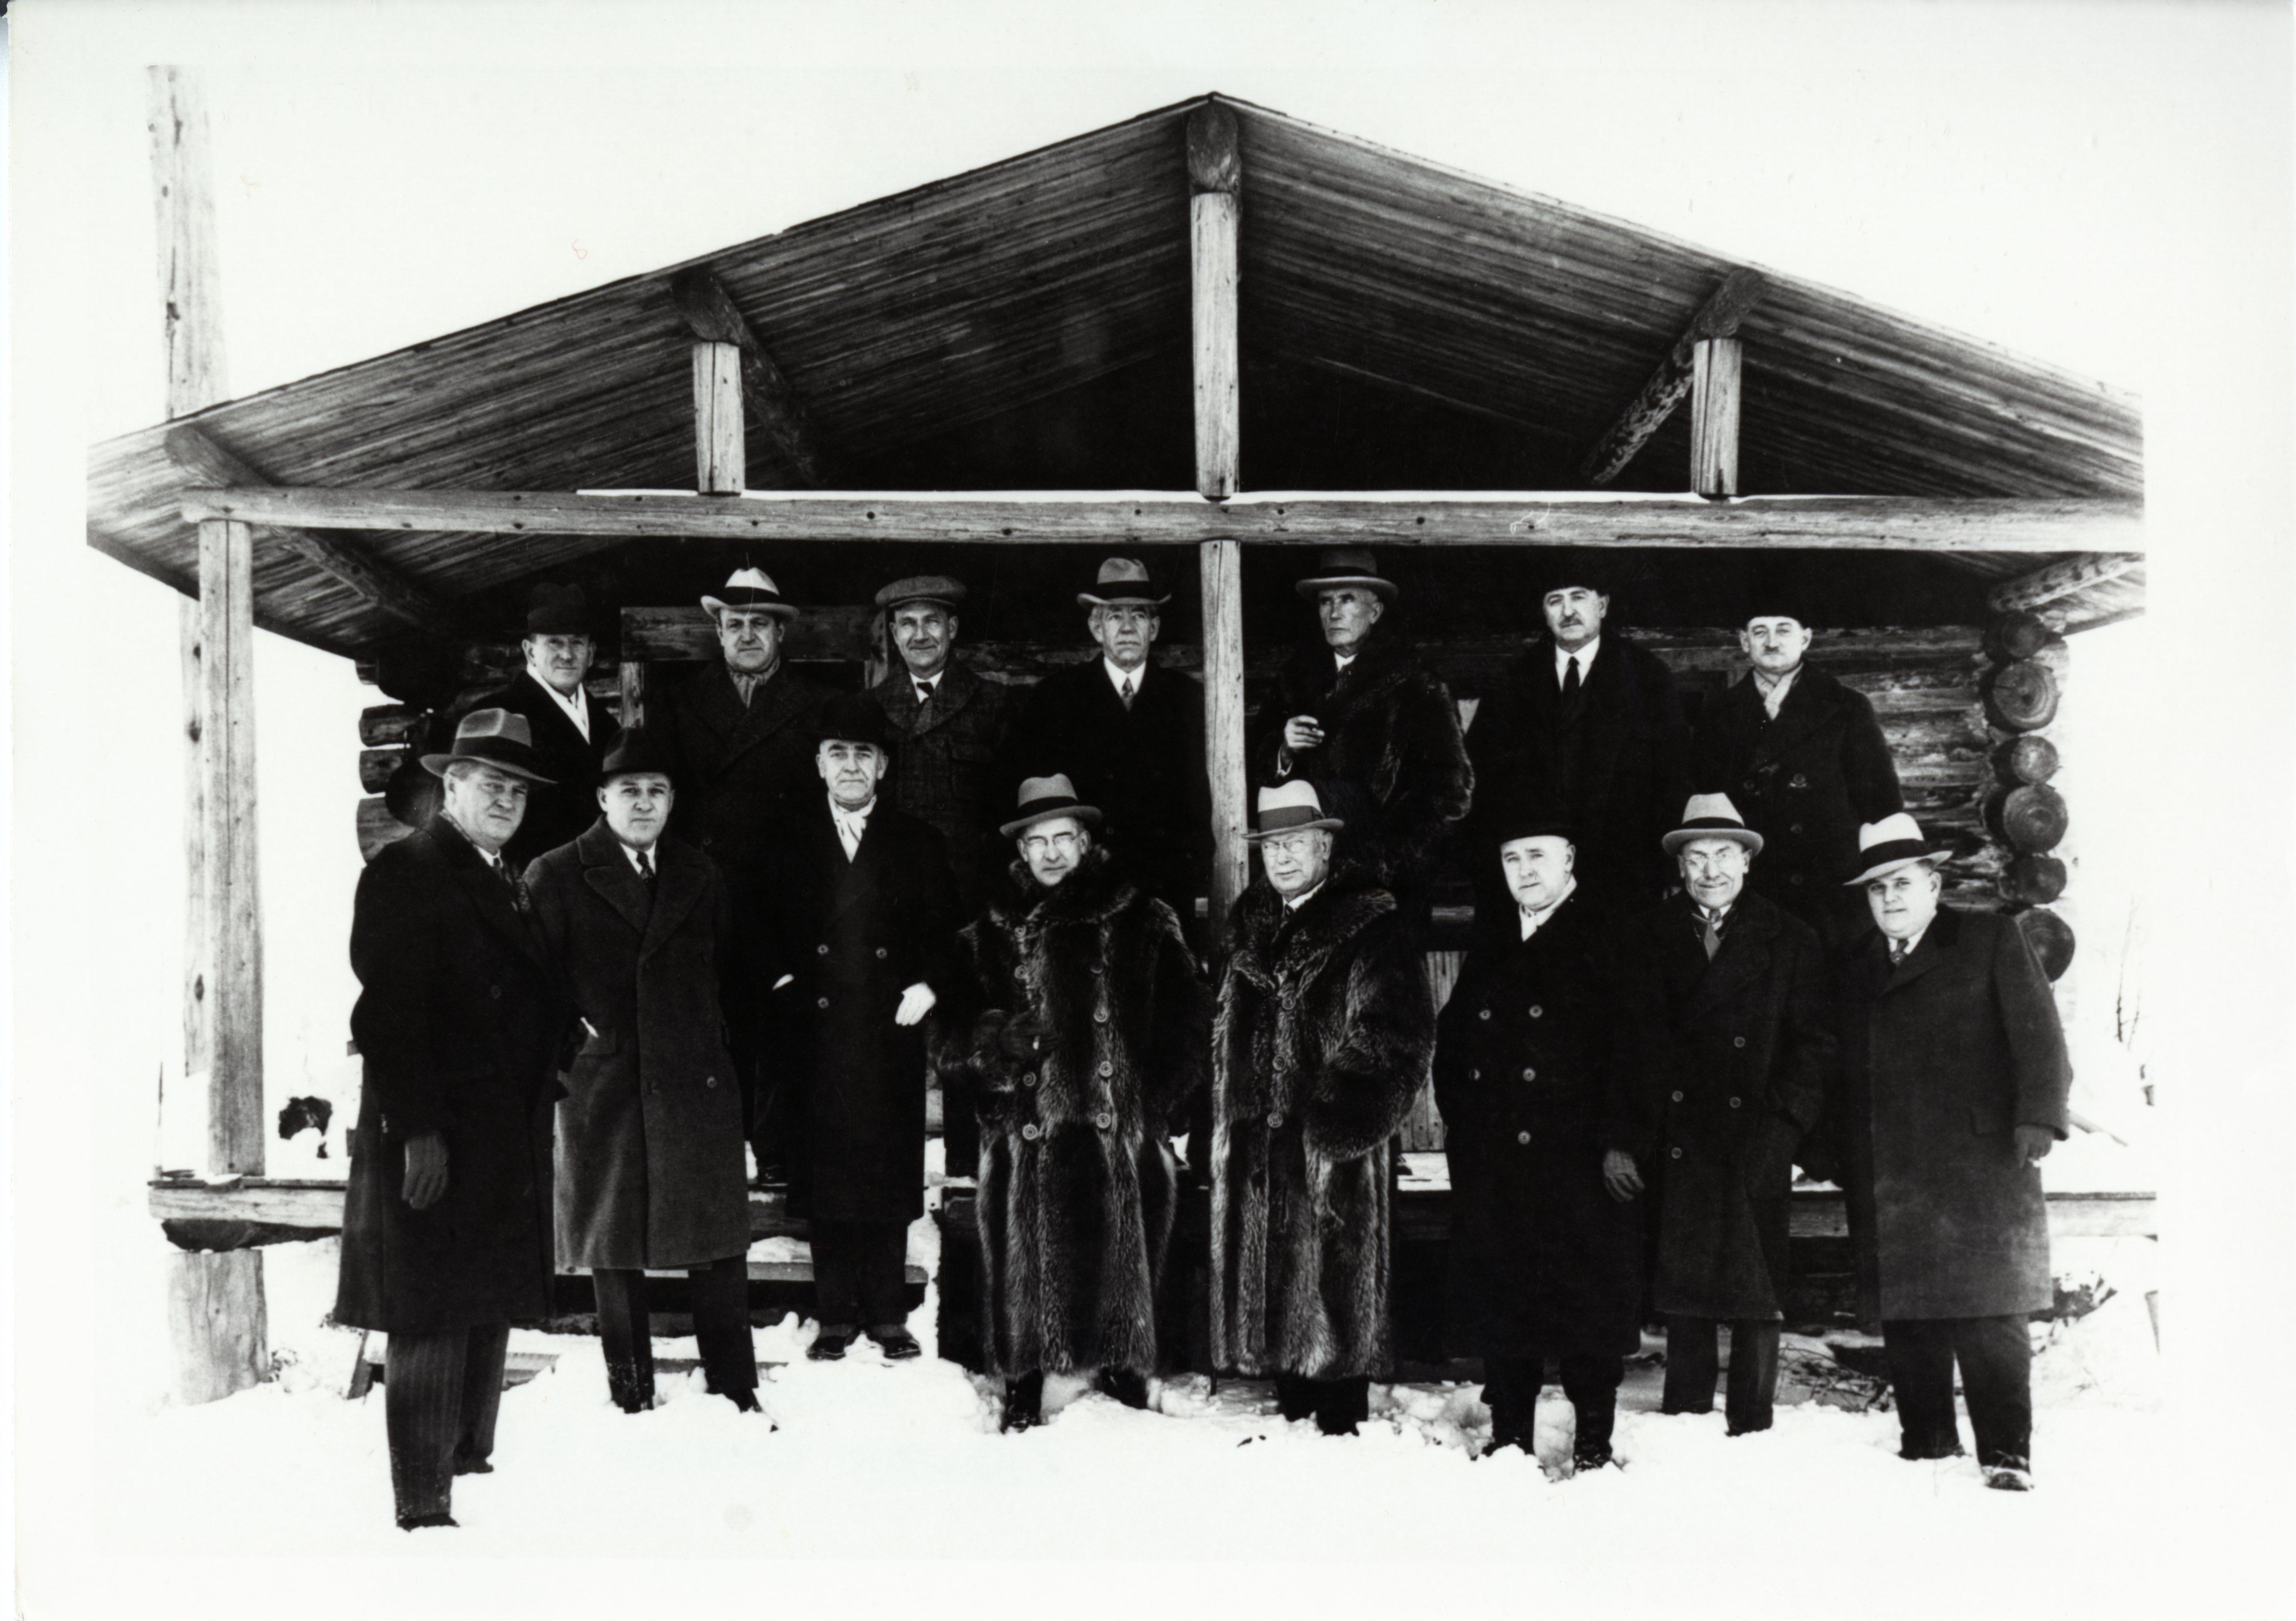 Photographie noir et blanc de quinze hommes en habit chic, dont trois avec des manteaux de fourrure, devant une cabane en bois rond.